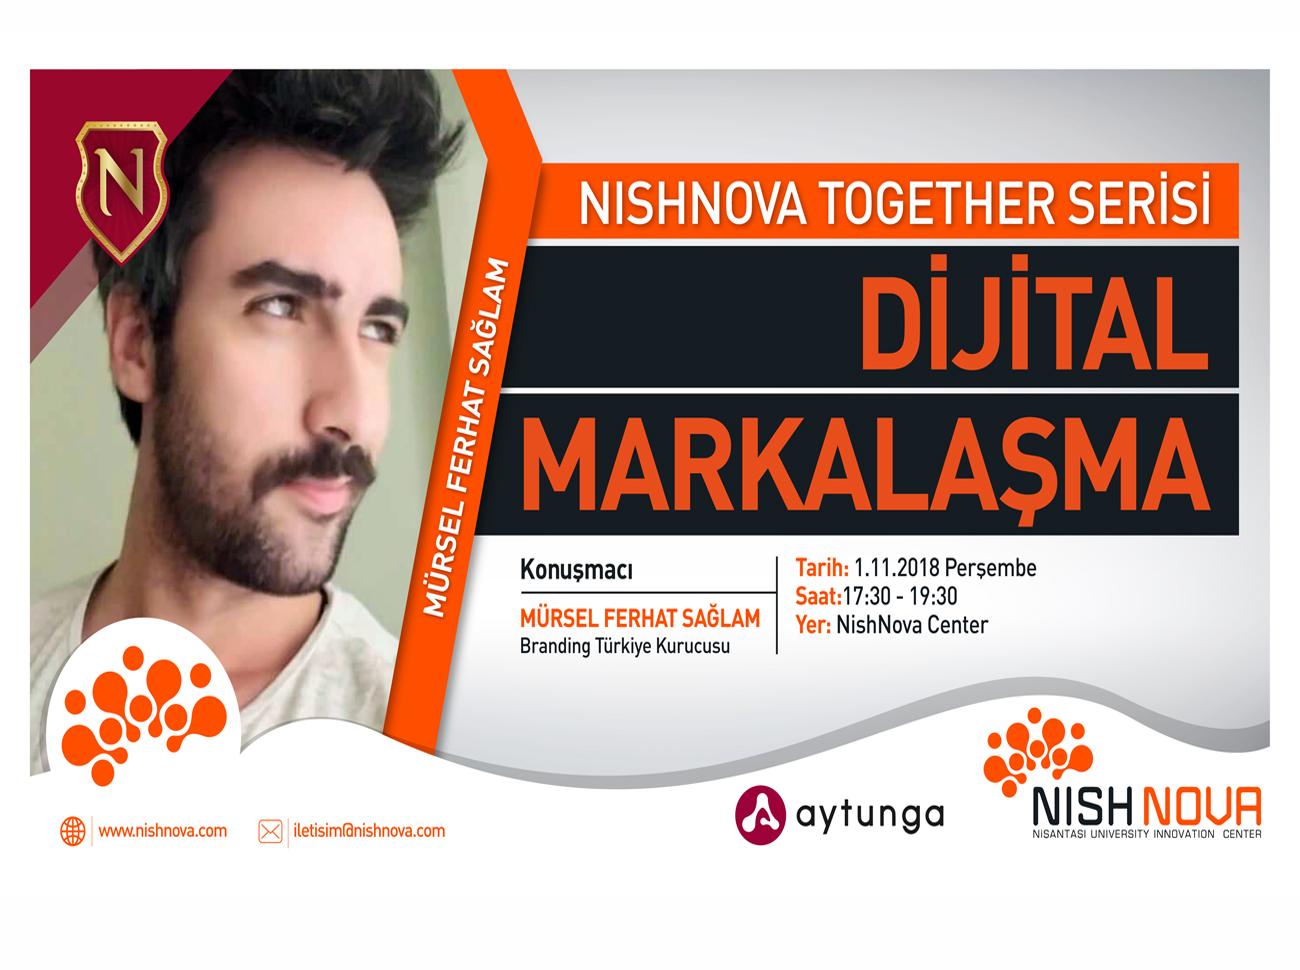 NishNova Together Serisi – Dijital Markalaşma